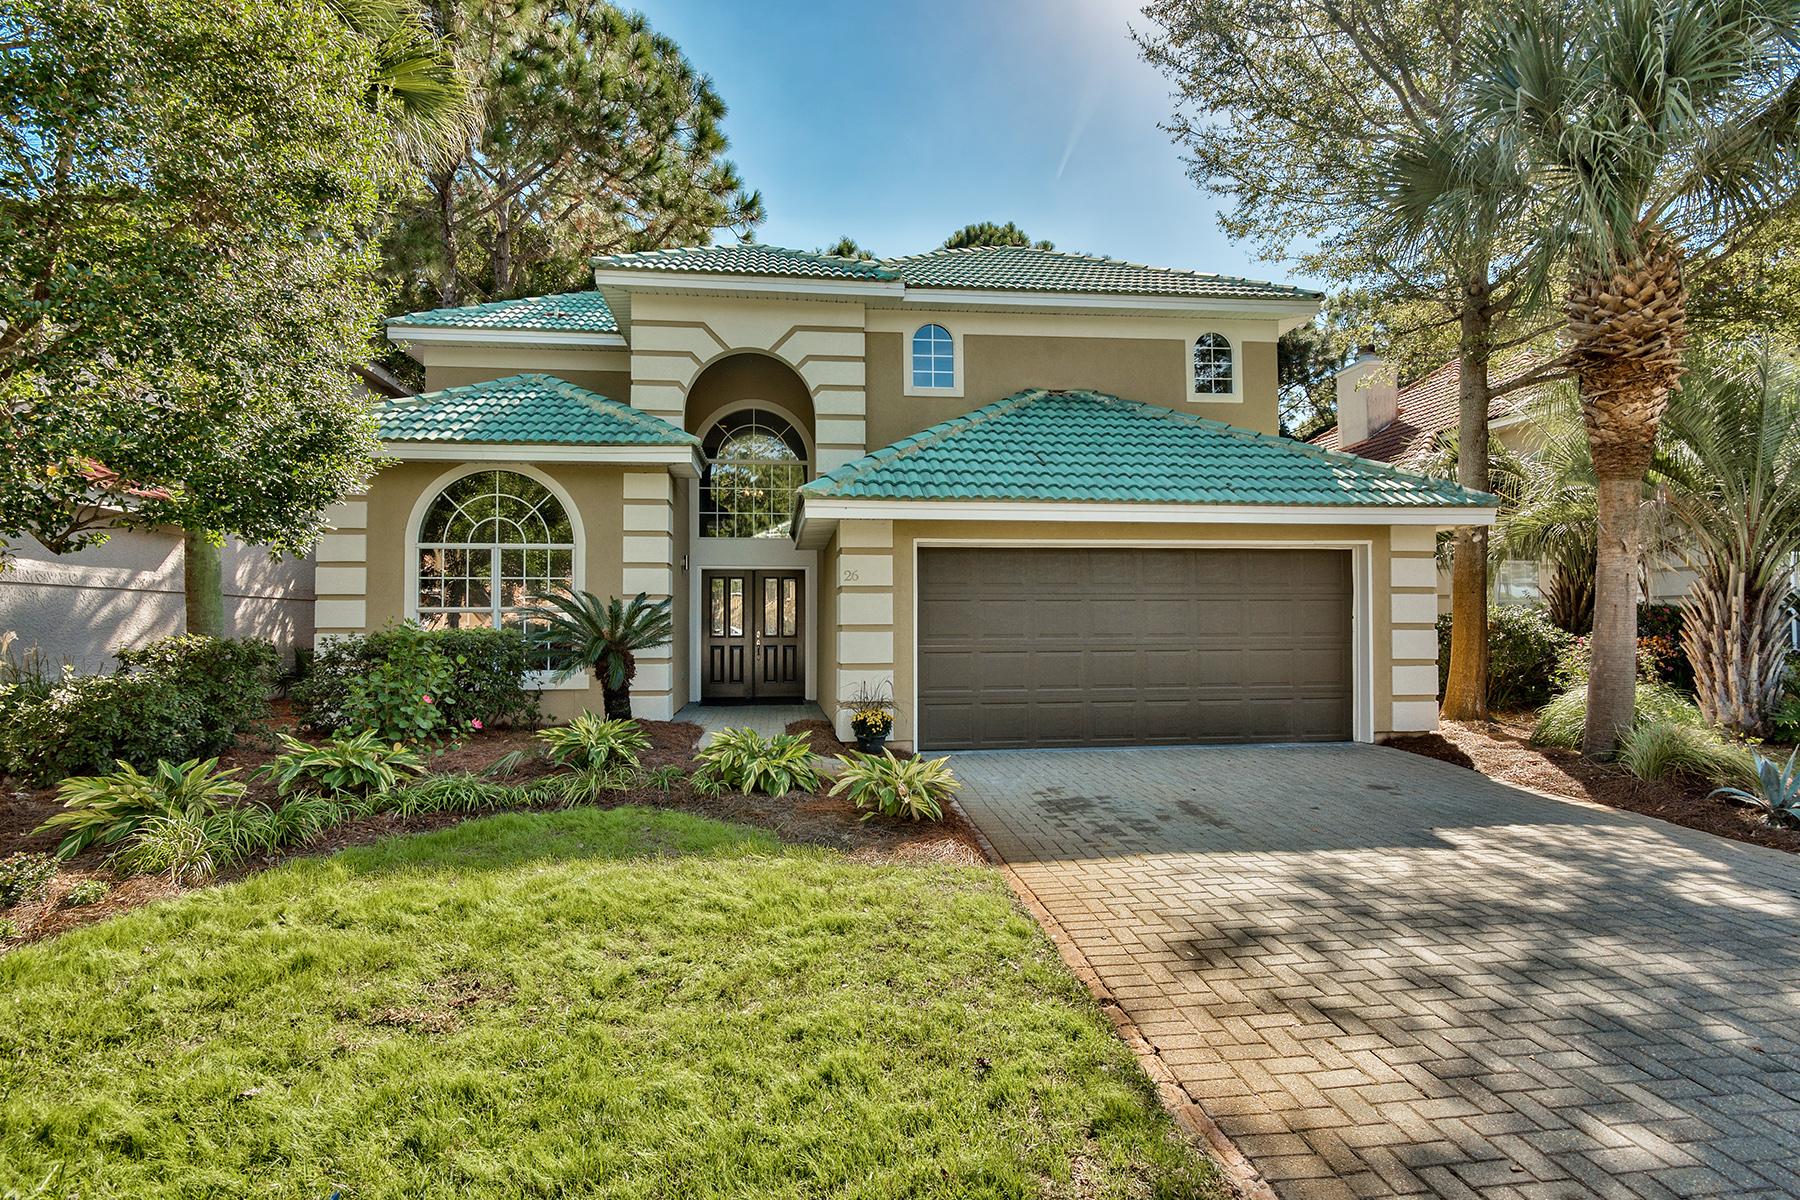 Maison unifamiliale pour l Vente à NEWLY REMODELED GOLF COURSE HOME 26 Indigo Loop Miramar Beach, Florida, 32550 États-Unis